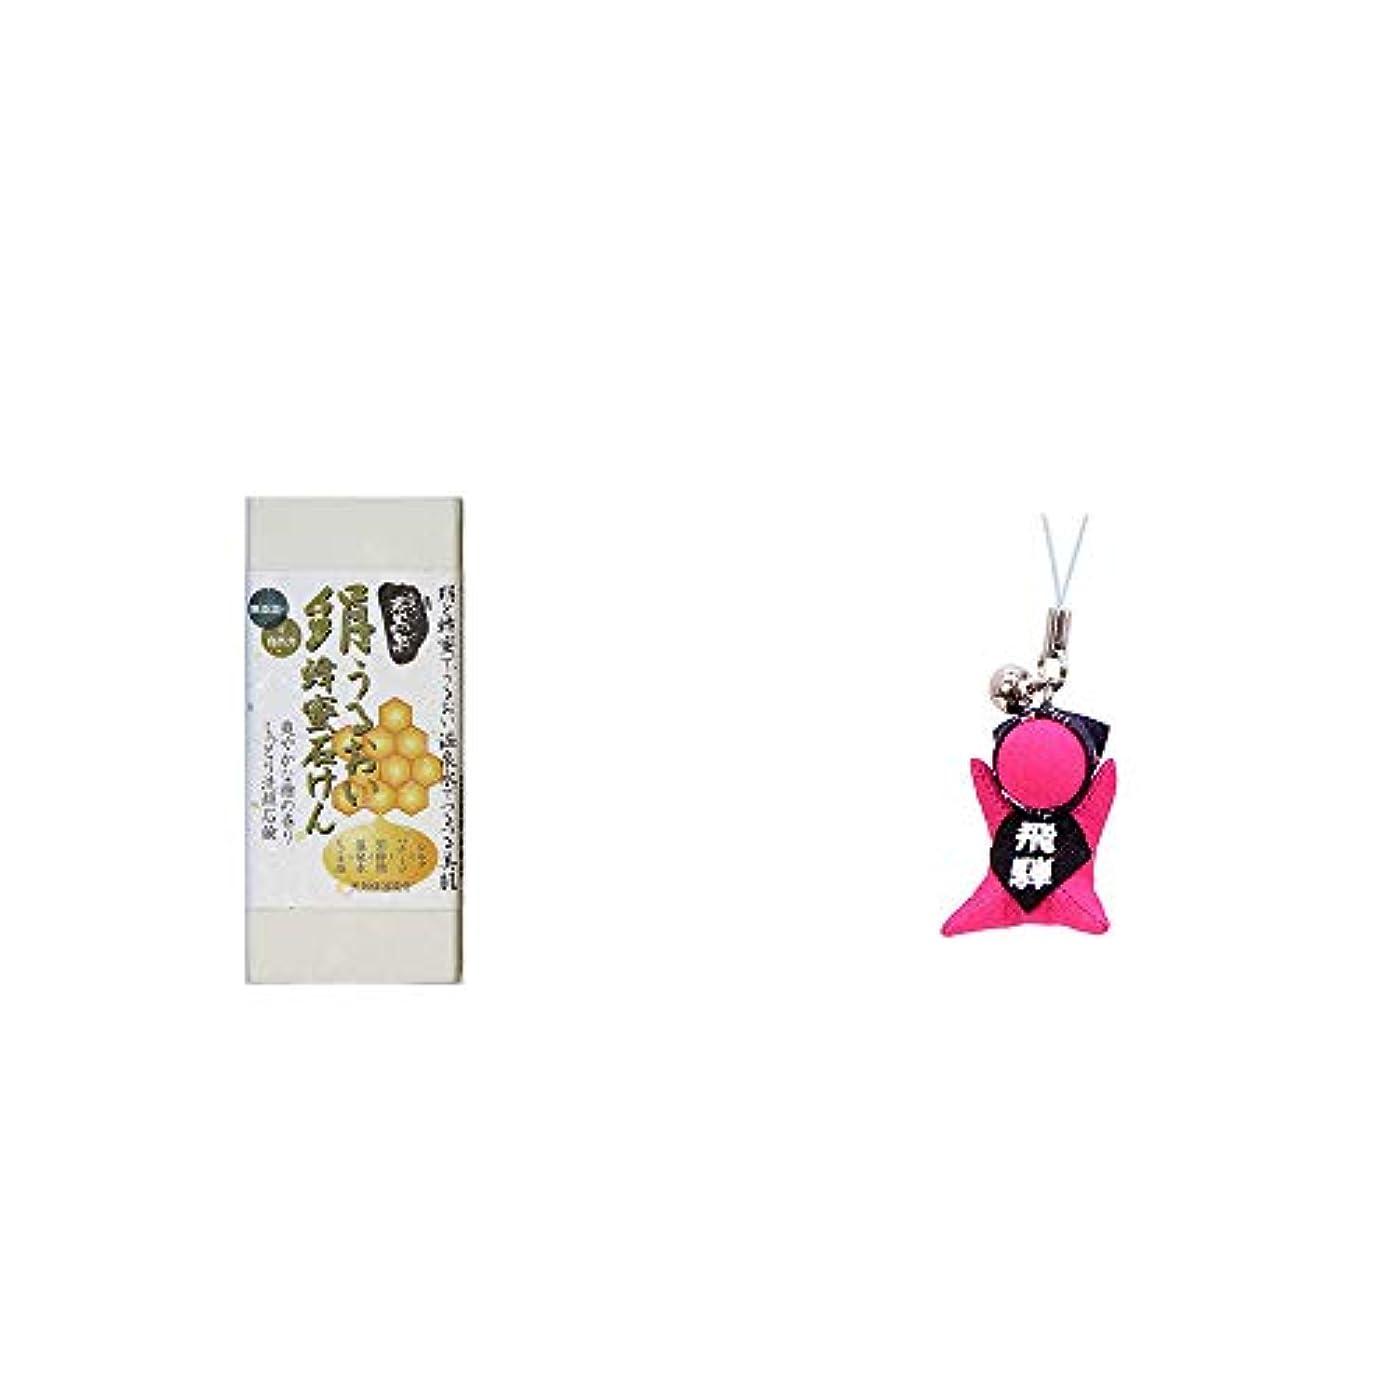 情熱的リーフレット美しい[2点セット] ひのき炭黒泉 絹うるおい蜂蜜石けん(75g×2)?さるぼぼ幸福ストラップ 【ピンク】 / 風水カラー全9種類 縁結び?恋愛(出会い) お守り//